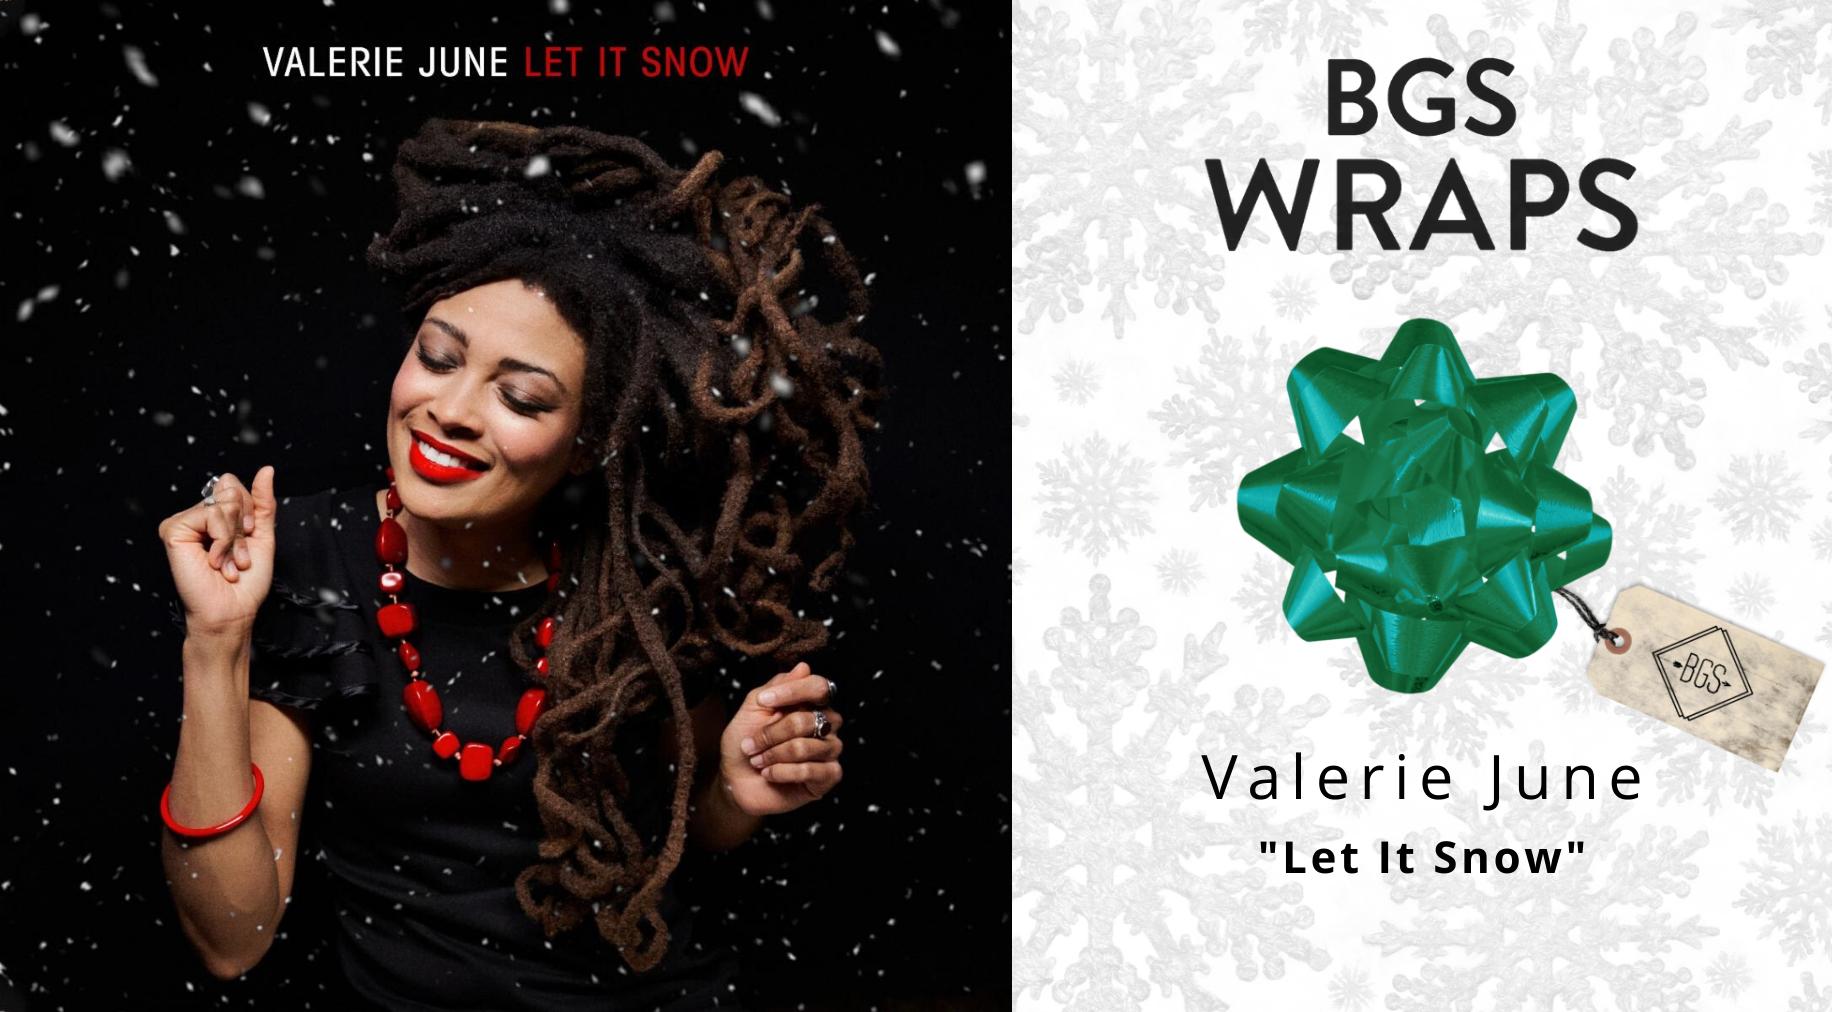 BGS WRAPS: Valerie June,